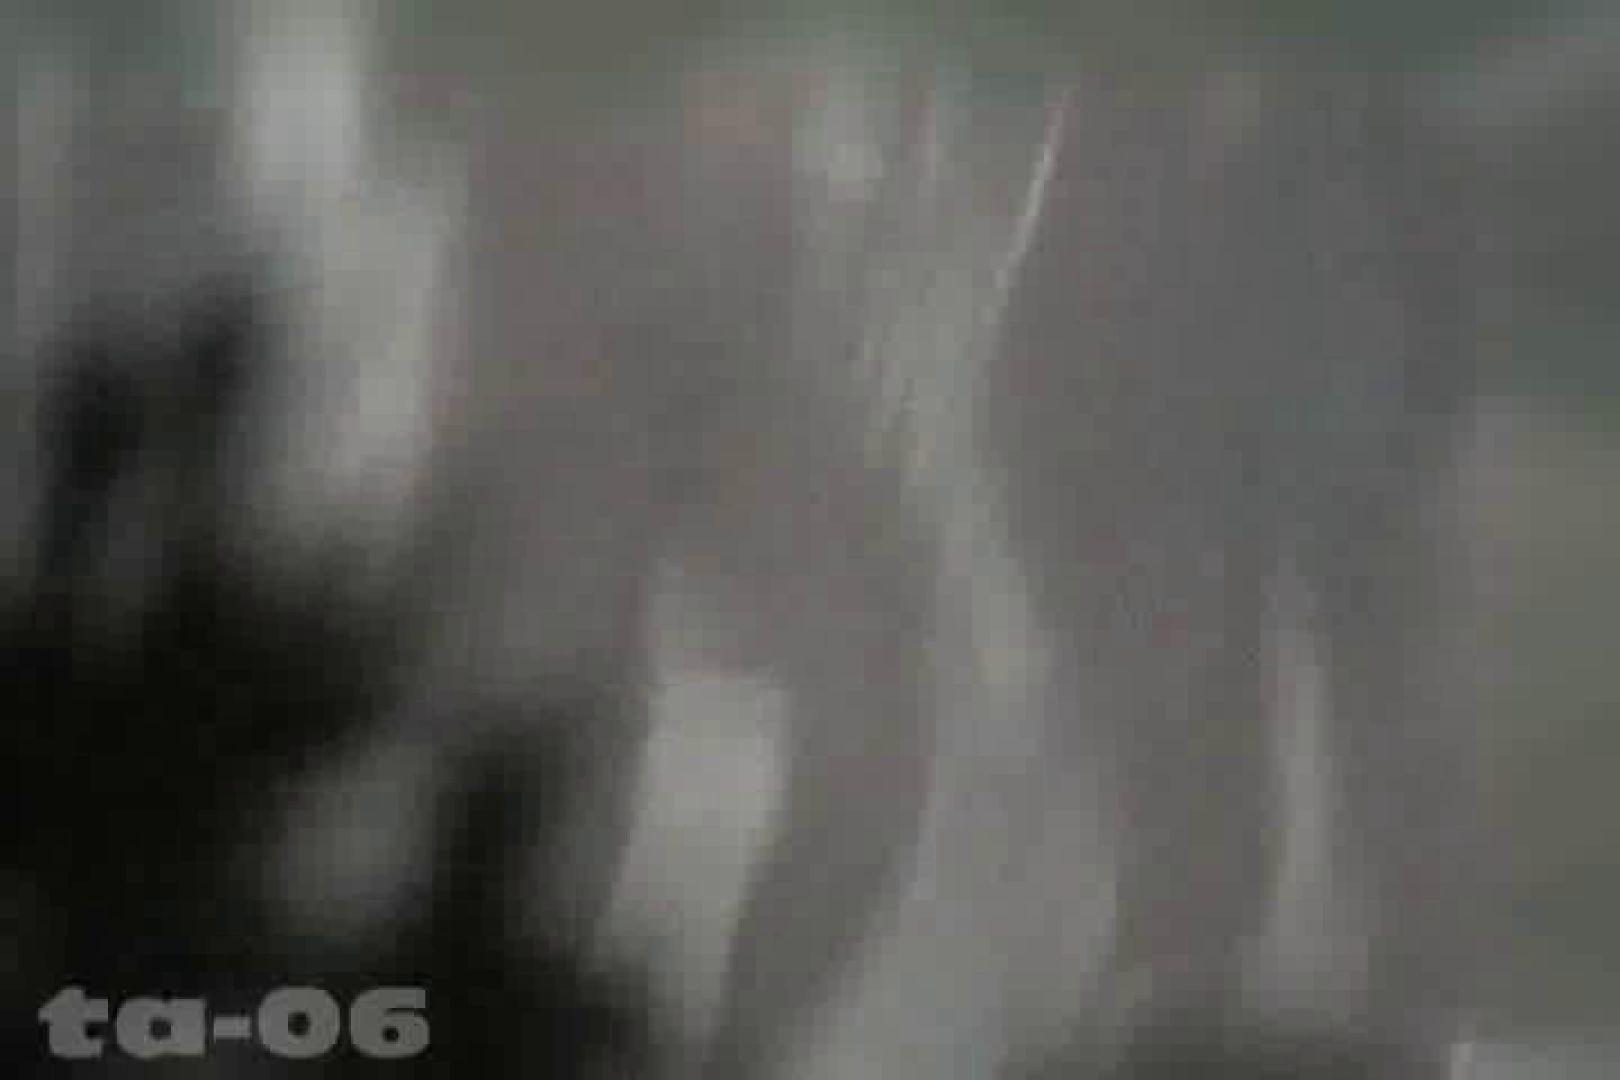 合宿ホテル女風呂盗撮高画質版 Vol.06 盗撮で悶絶 セックス画像 69画像 3